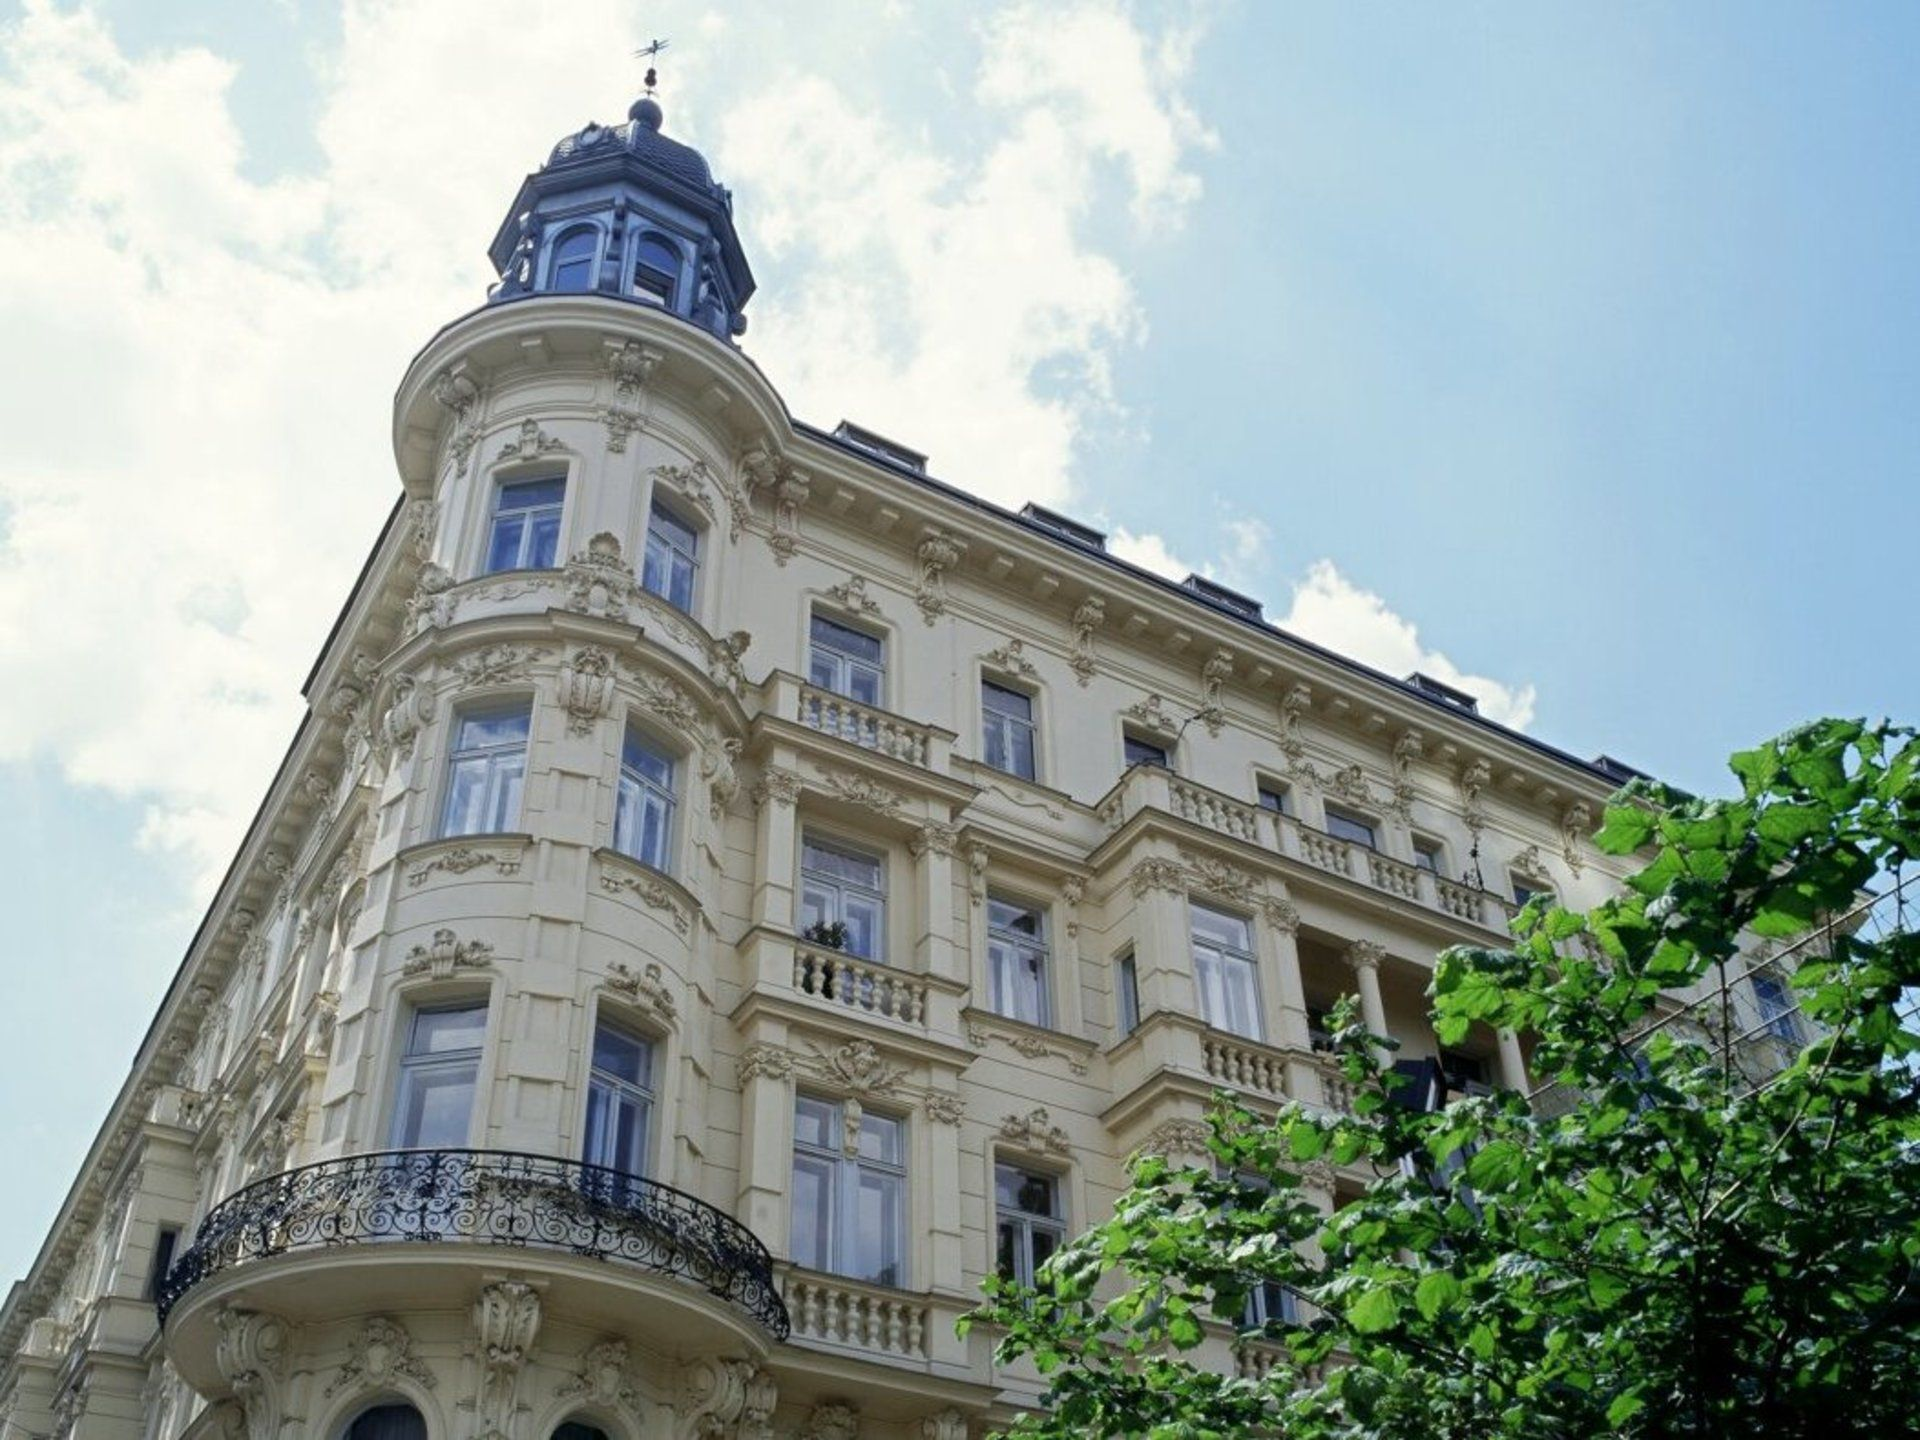 Blümelgasse, 1060 Vienna